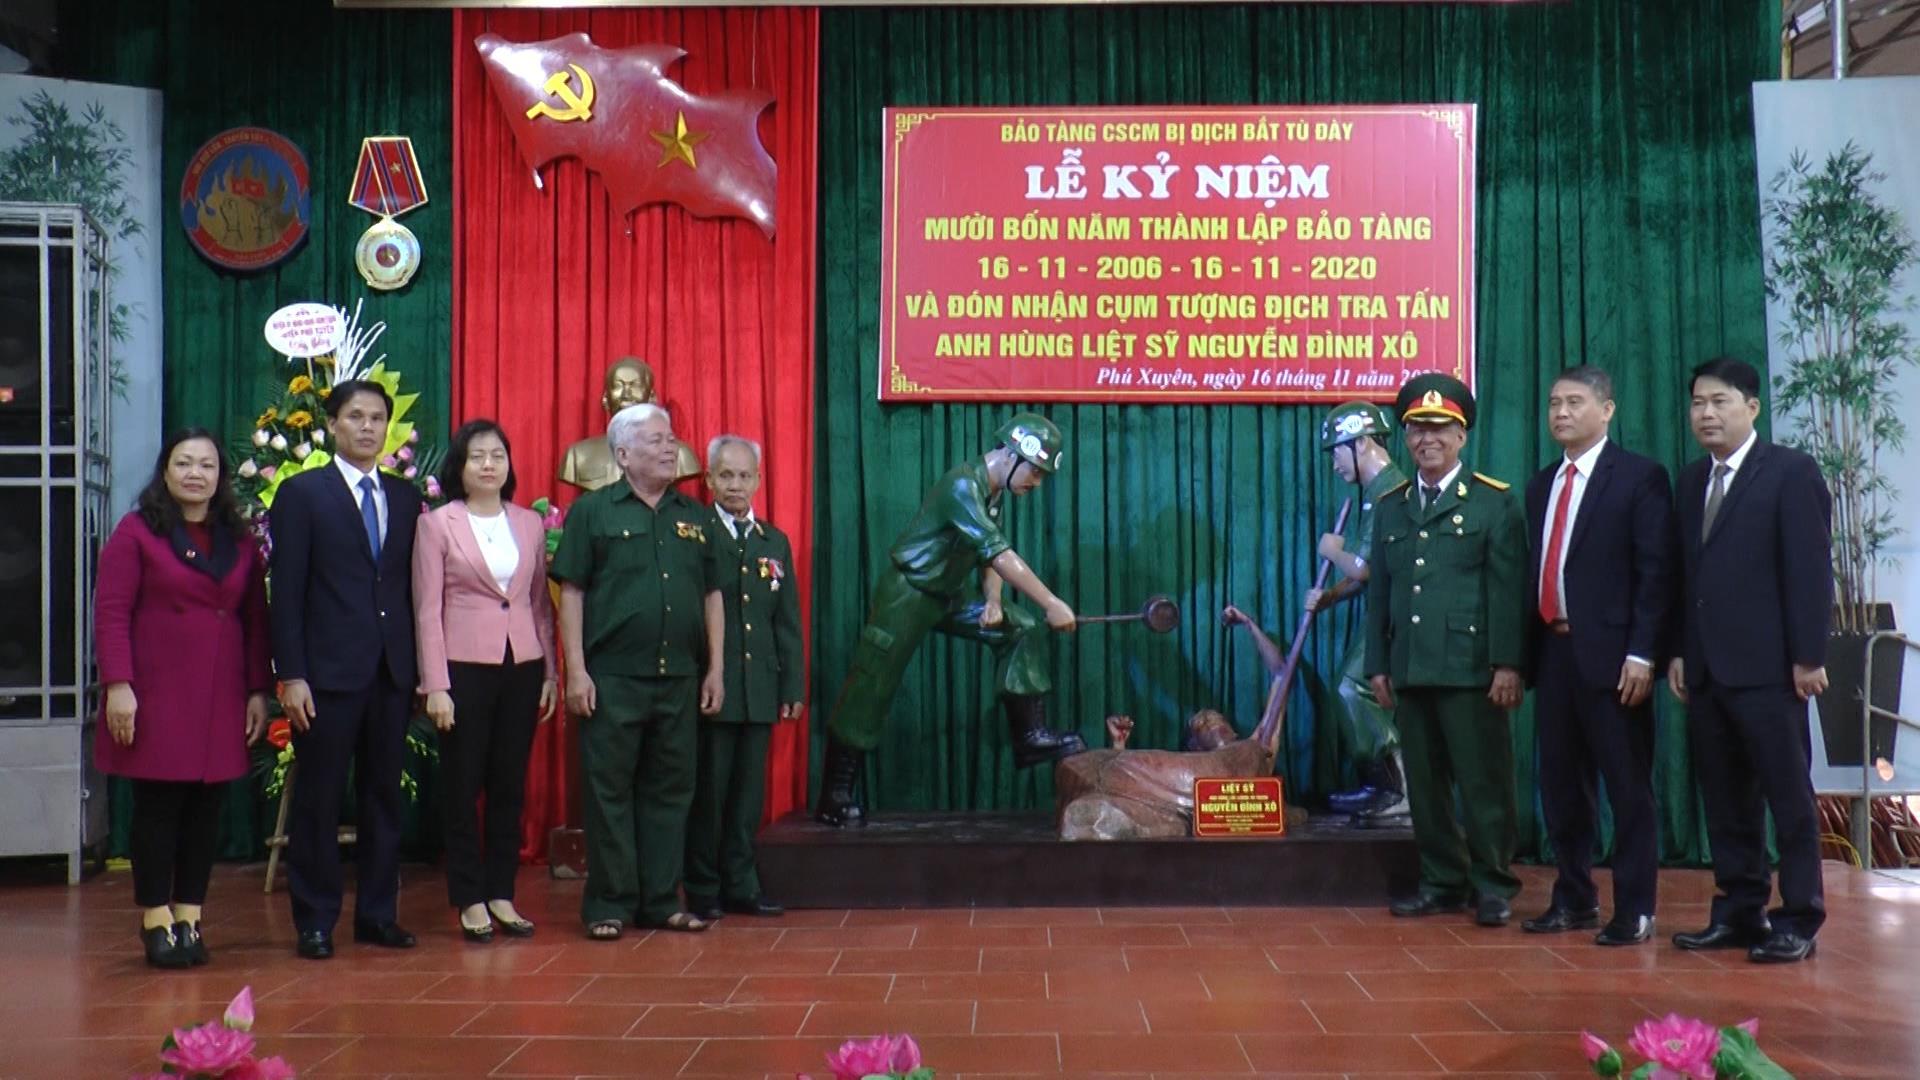 Bắc Ninh Trao tặng cụm tượng mô phỏng kẻ địch tra tấn dã man đồng chí Nguyễn Đình Xô cho Bảo tàng Phú Xuyên